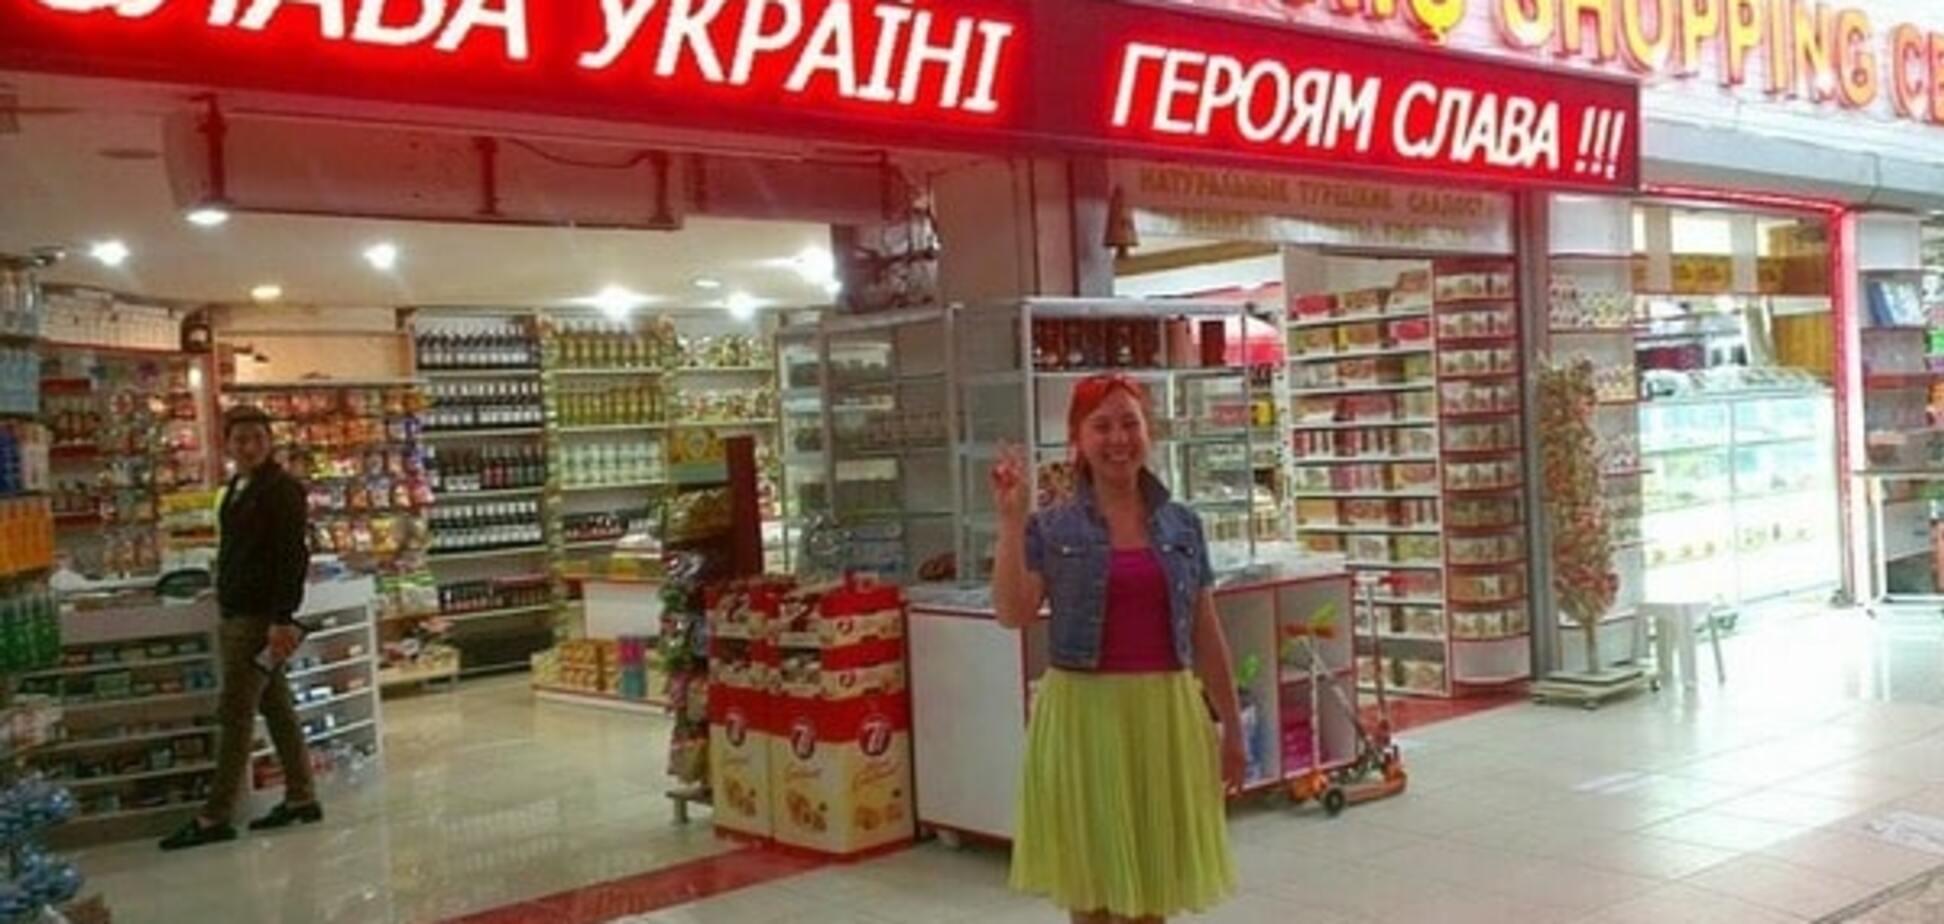 Слава Украине в Турции